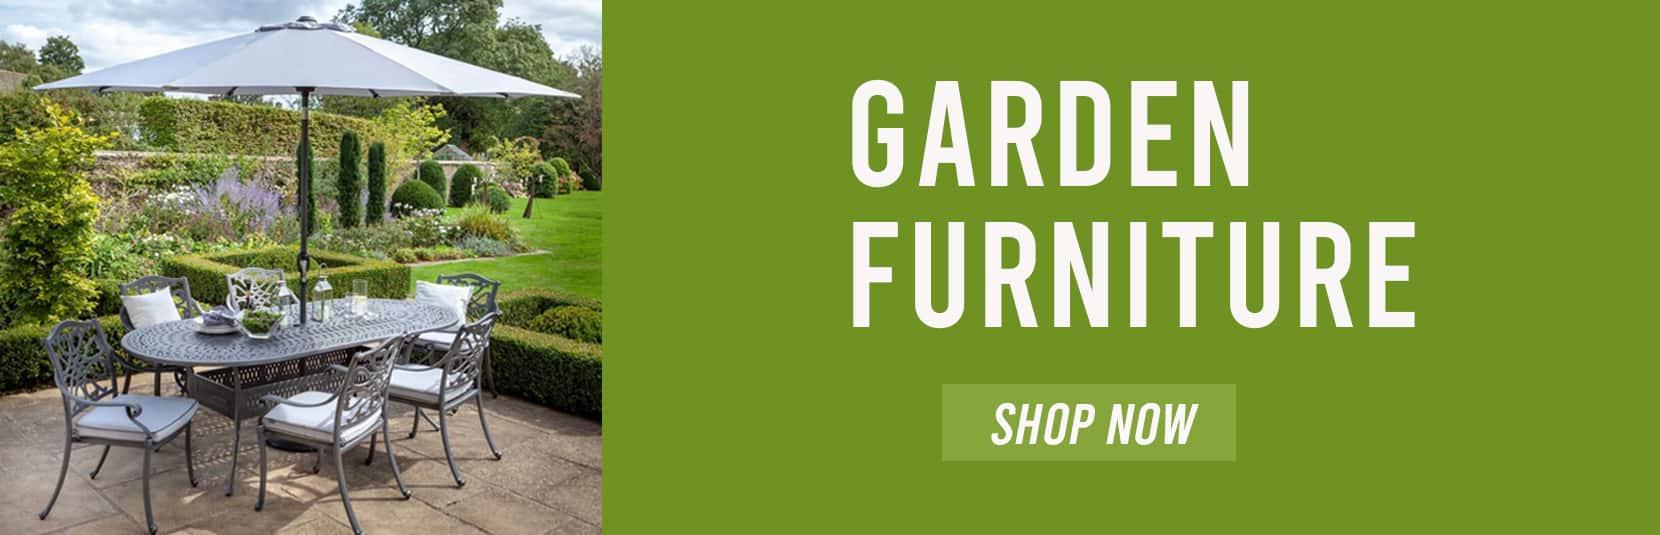 Garden furniture Banner